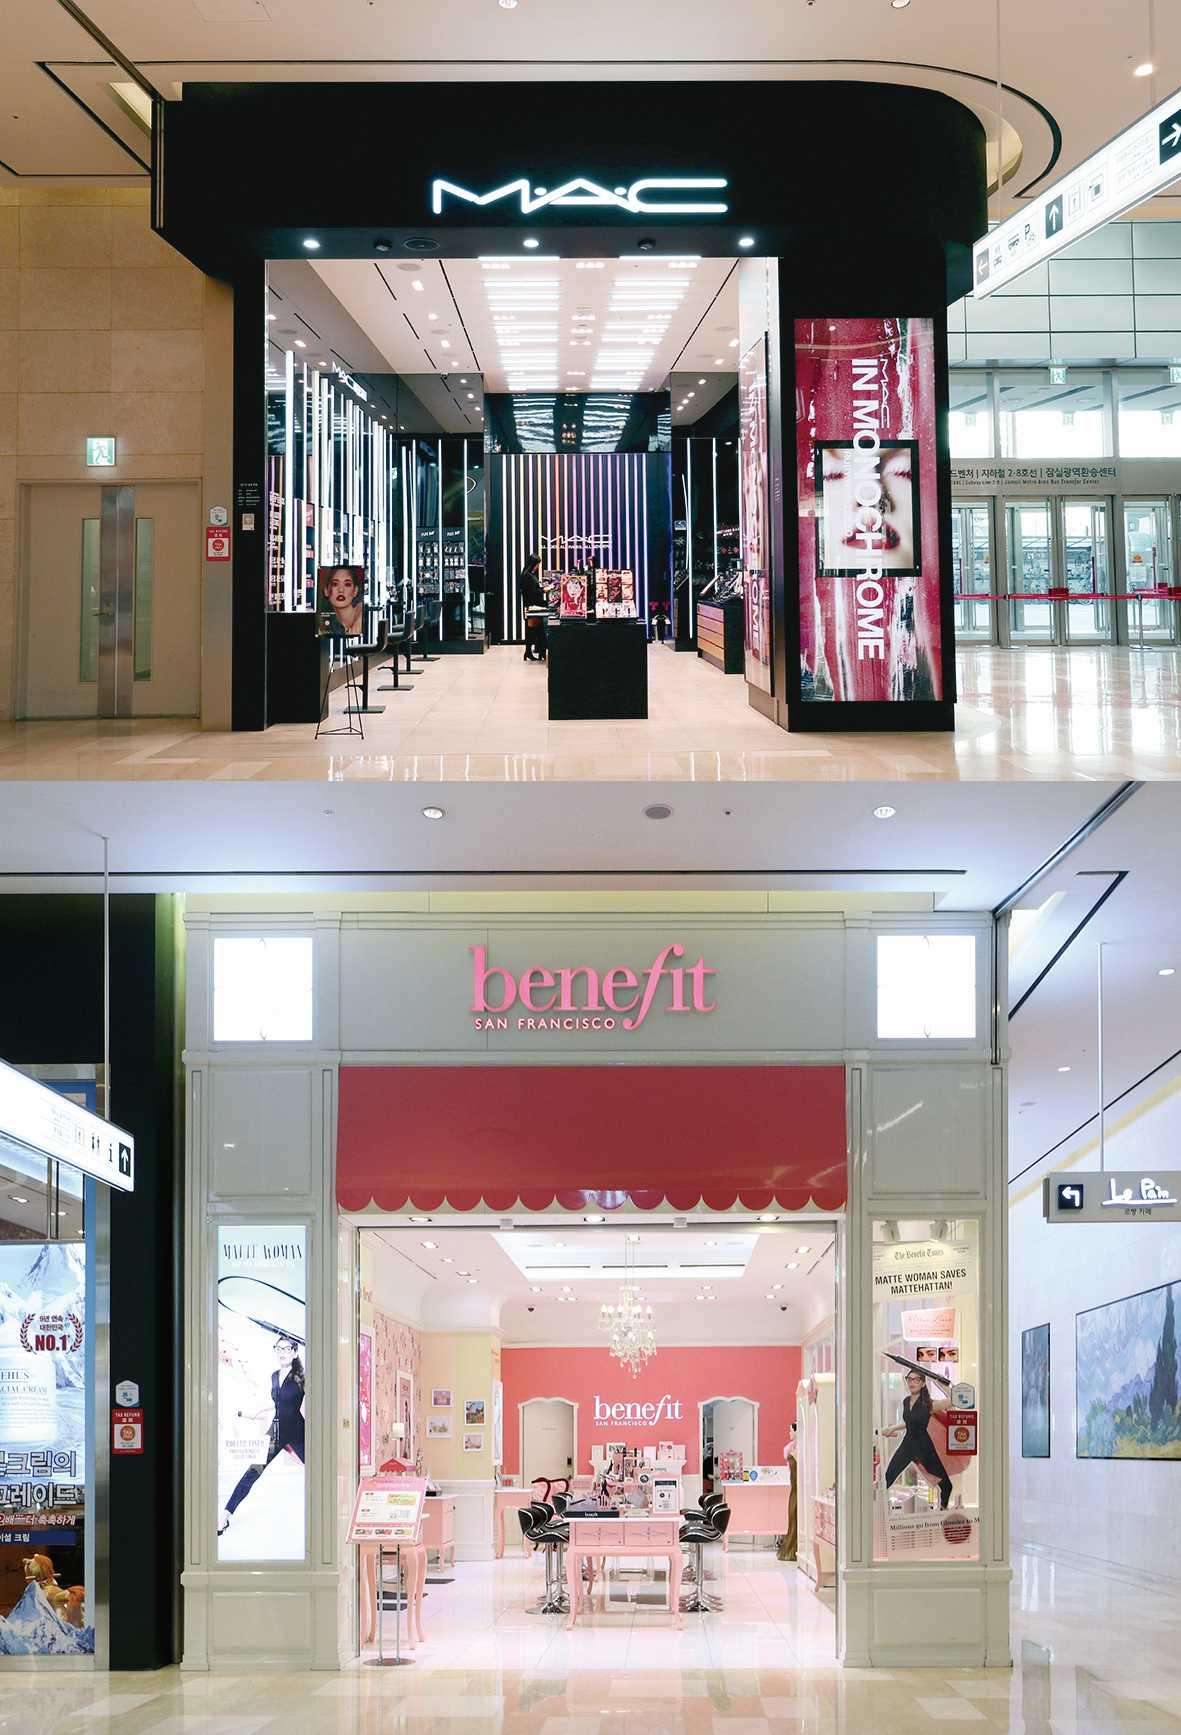 (위) 블랙 컬러로 대표되는 브랜드 '맥'. (아래) 메인 컬러를 매장 전체에 사용한 브랜드 '베네피트' ©쌤앤파커스